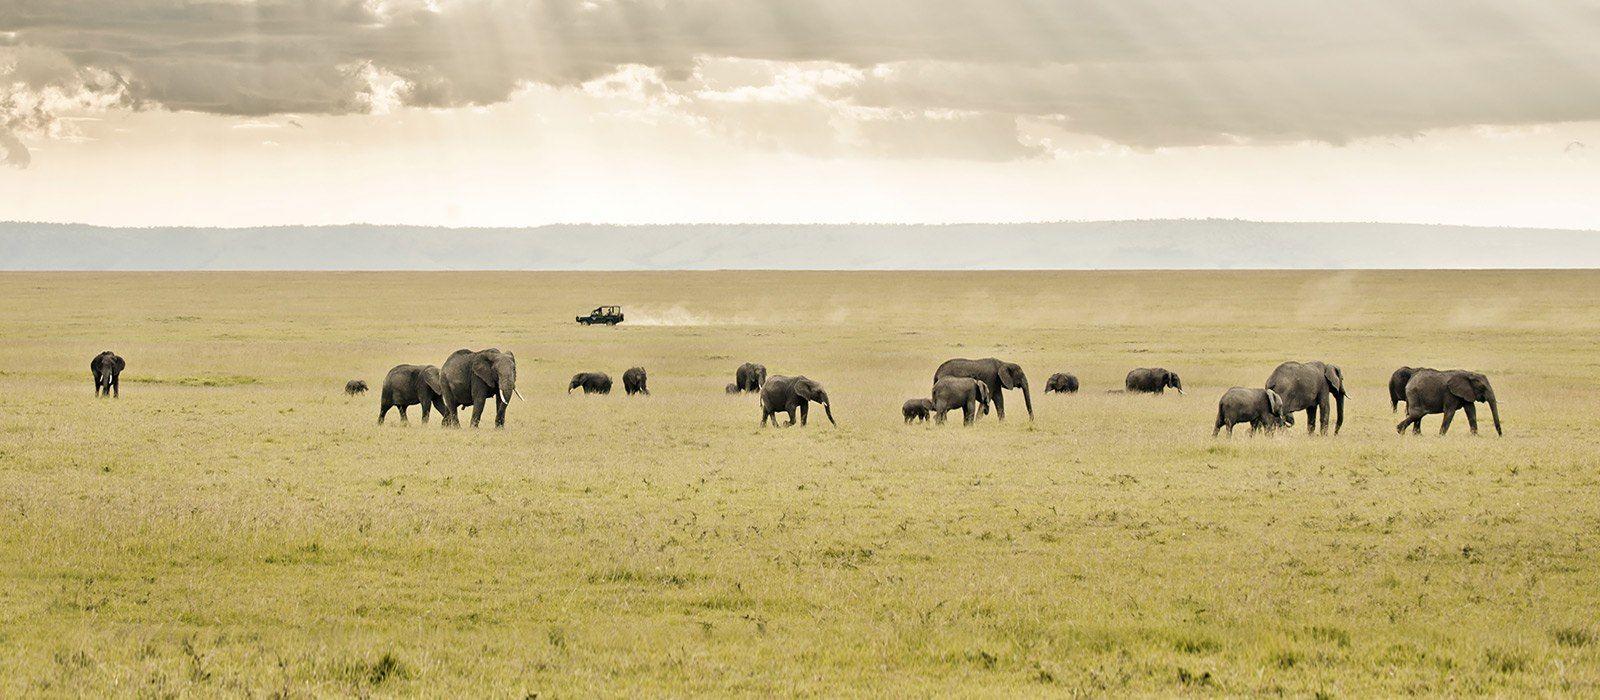 Kenya Tours & Trips